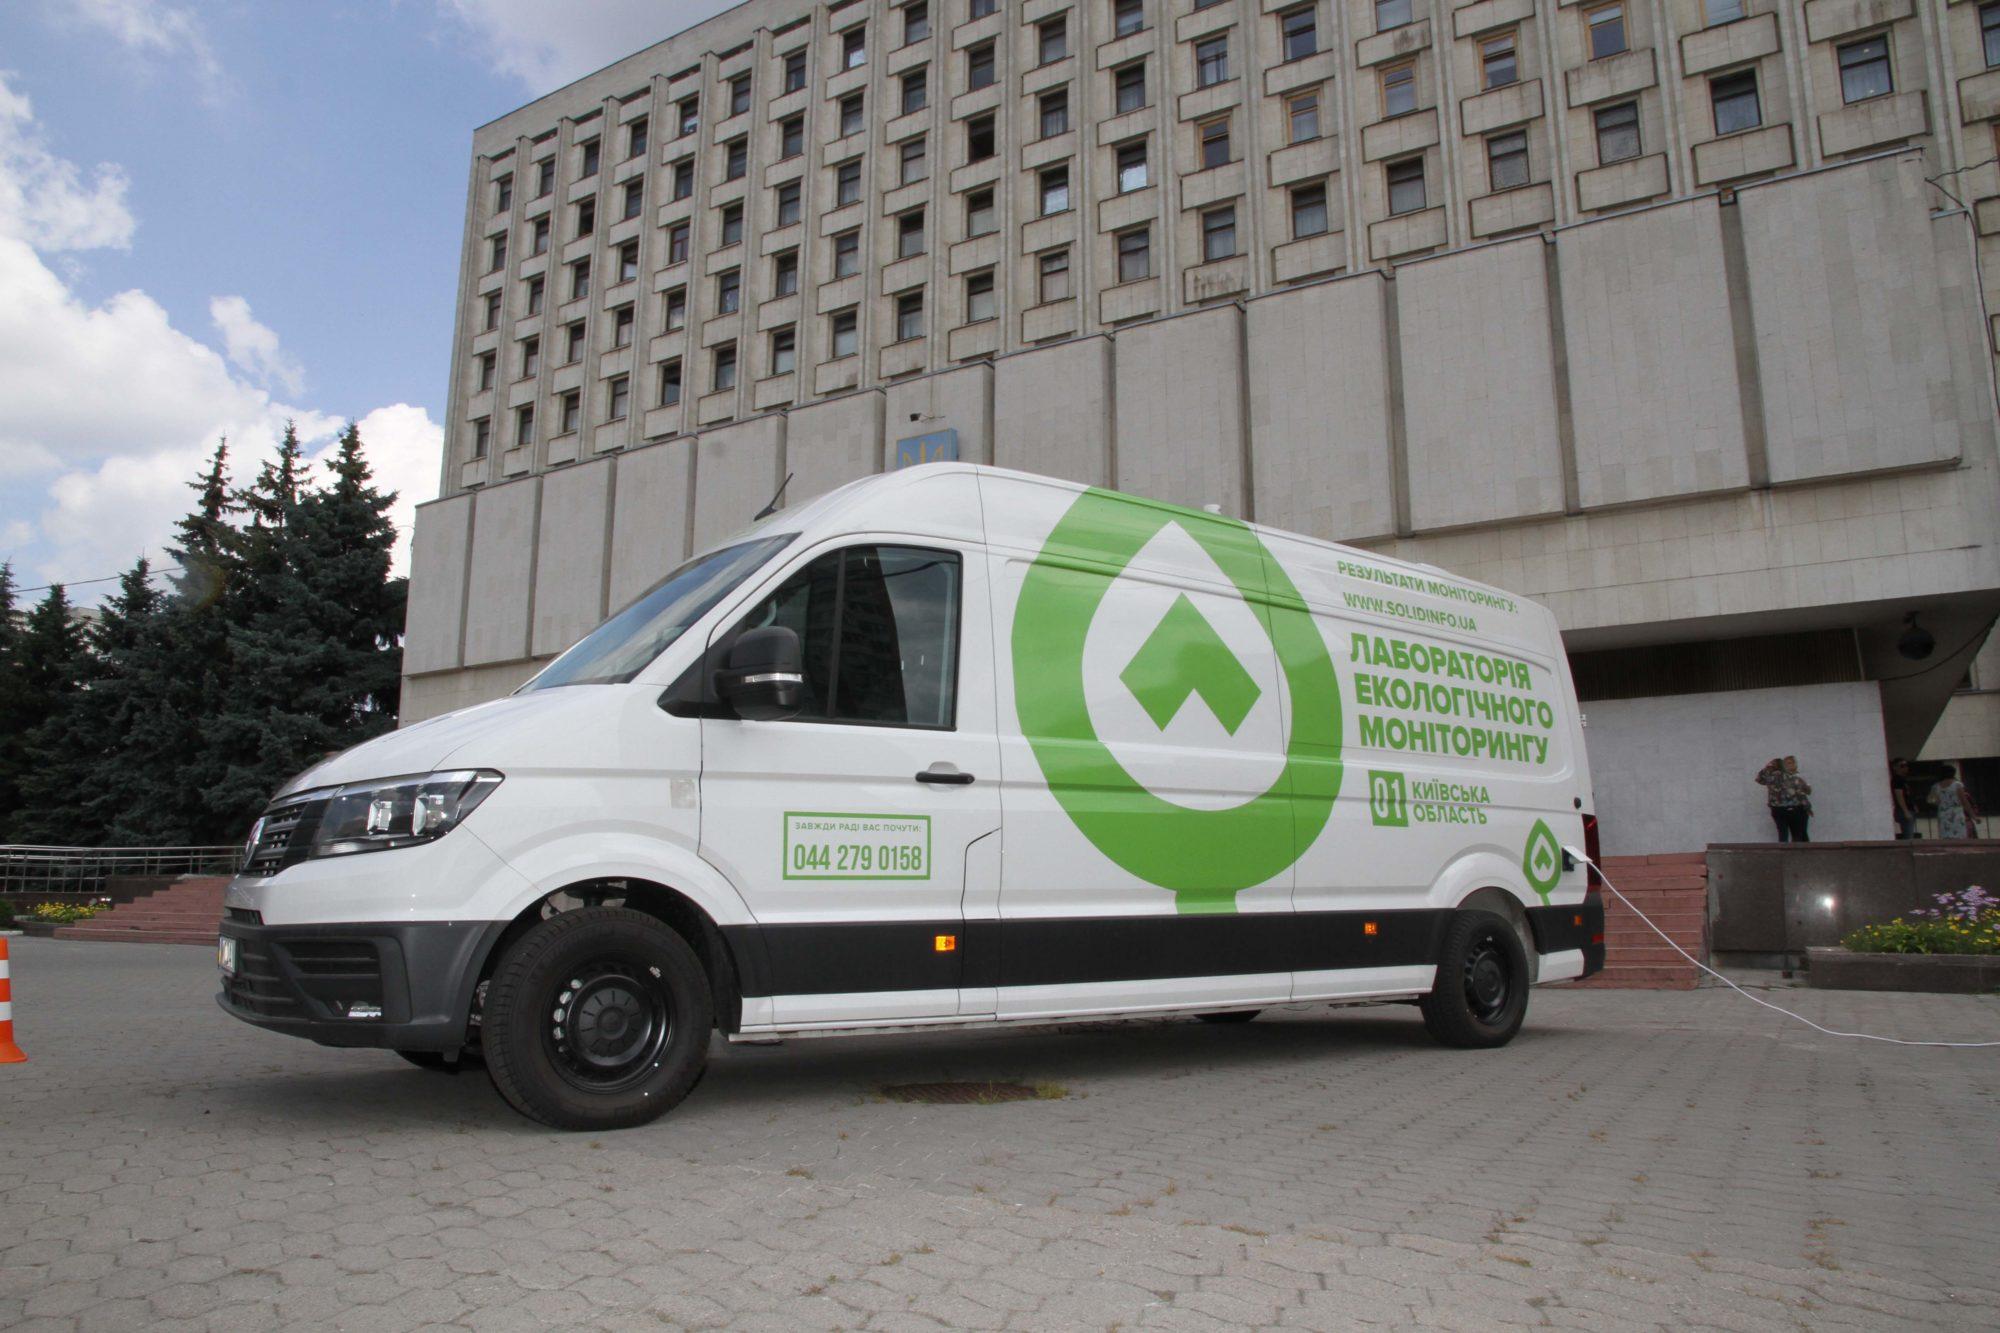 5-5-2000x1333 На Київщині запрацювала перша в Україні інноваційна лабораторія екологічного моніторингу